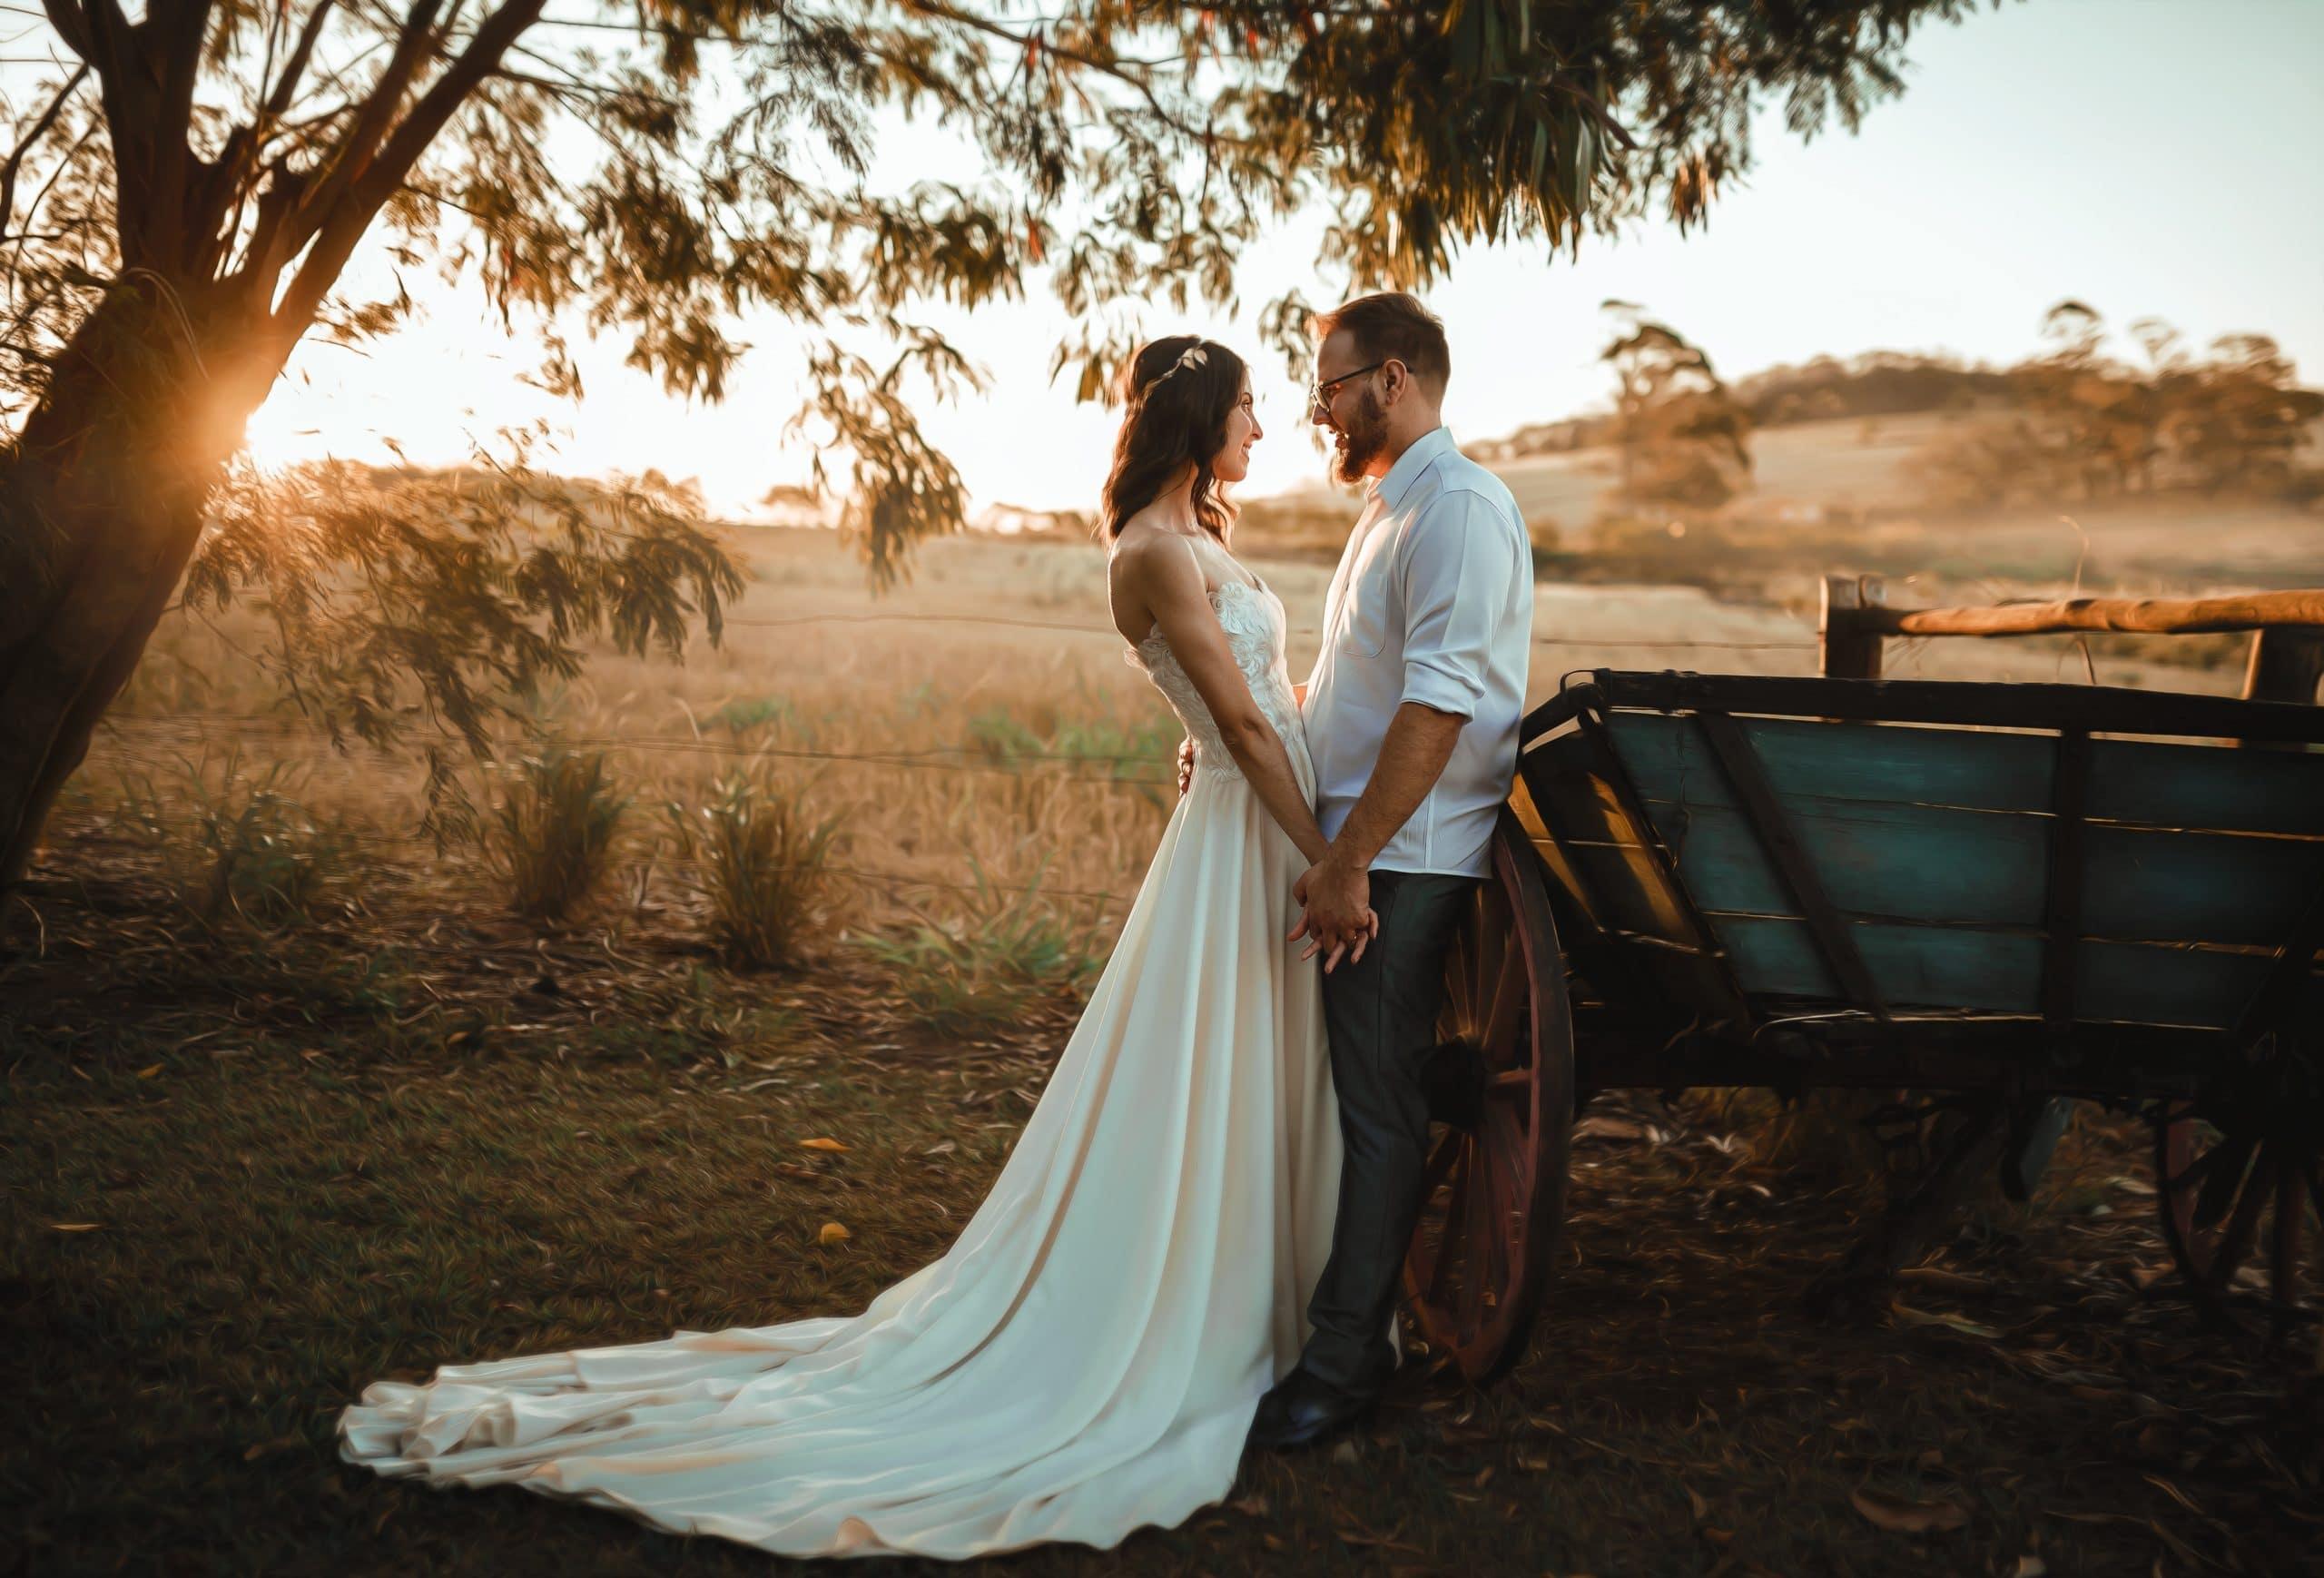 Un couple main dans la main adossé contre une charrette, le soleil se couchant derrière eux.